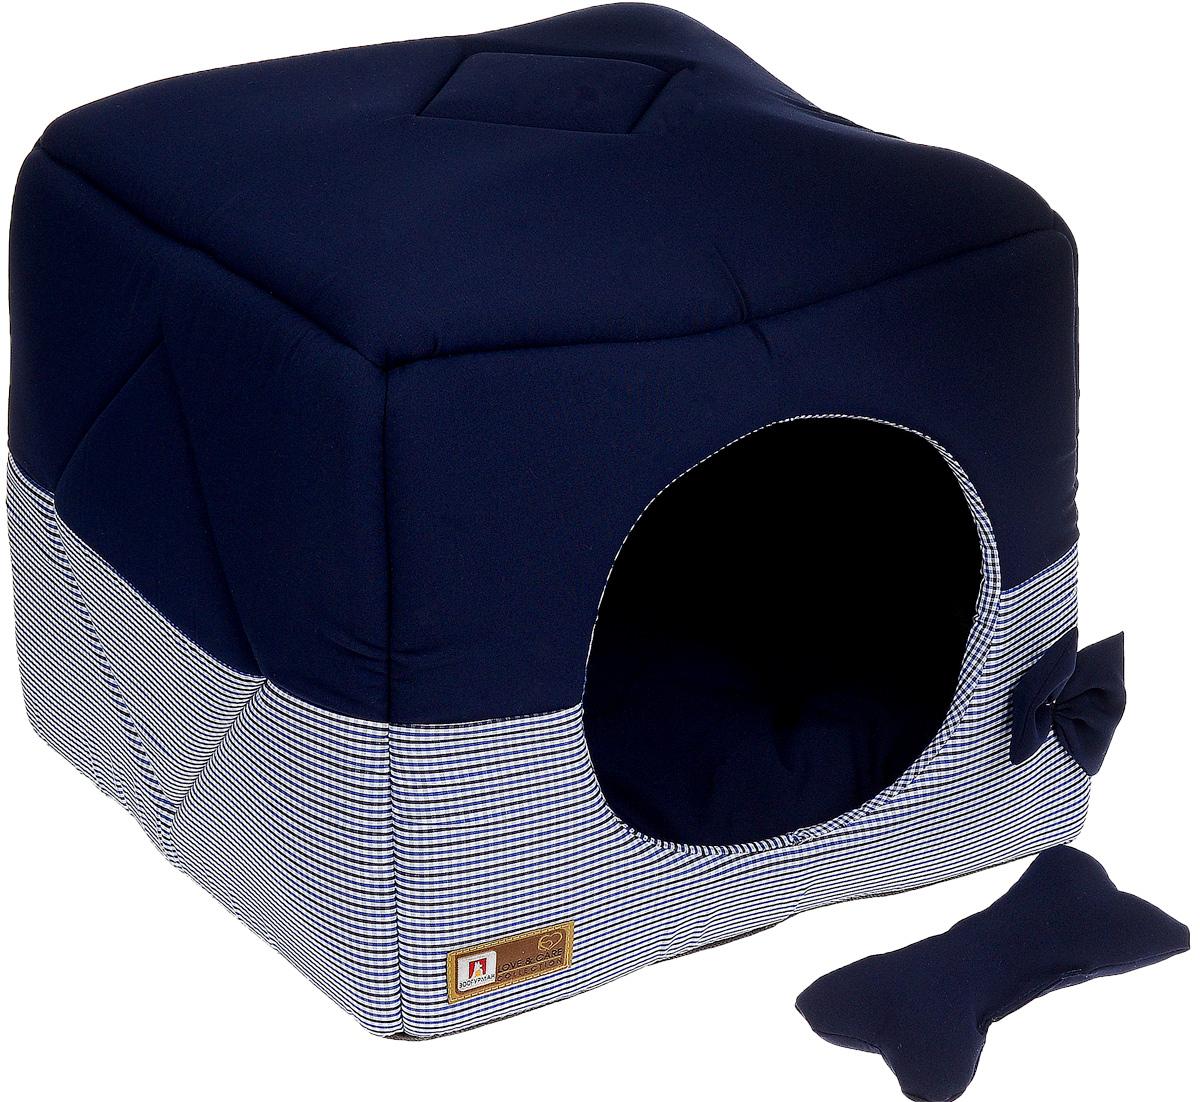 Лежак для собак и кошек Зоогурман Домосед, цвет: синий, 45 х 45 х 45 см0120710Оригинальный и мягкий лежак для кошек и собак Зоогурман Домосед обязательно понравится вашемупитомцу. Лежак выполнен из приятного материала. Уникальная конструкция лежака имеет два варианта использования: - лежанка, с высокими бортиками и мягкой внутренней подушкой, - закрытый домик с мягкой подушкой внутри.Универсальный лежак-трансформер непременно понравится вашему питомцу, подарит ему ощущение уюта и комфорта. В комплекте со съемной подушкой мягкая игрушка «косточка».За изделием легко ухаживать, можно стирать вручную или в стиральной машинепри температуре 40°С. Материал: микро волоконная шерстяная ткань.Наполнитель: гипоаллергенное синтетическое волокно.Наполнитель матрасика: шерсть.Размер: 45 см х 45 см х 45 см.Размер лежанки: 45 см х 20 см х 45 см.